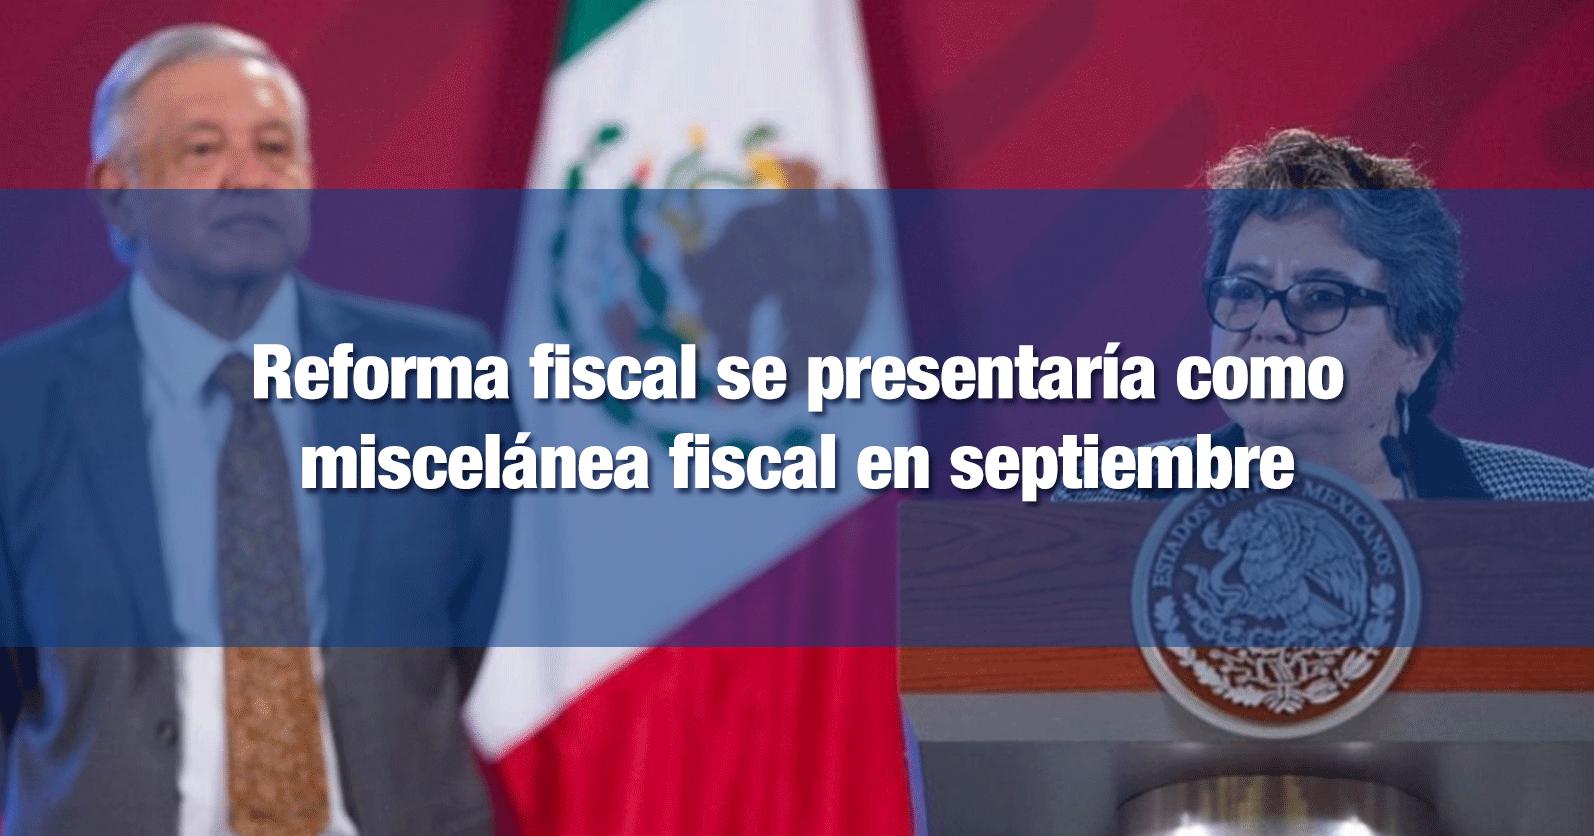 Reforma fiscal se presentaría como miscelánea fiscal en septiembre